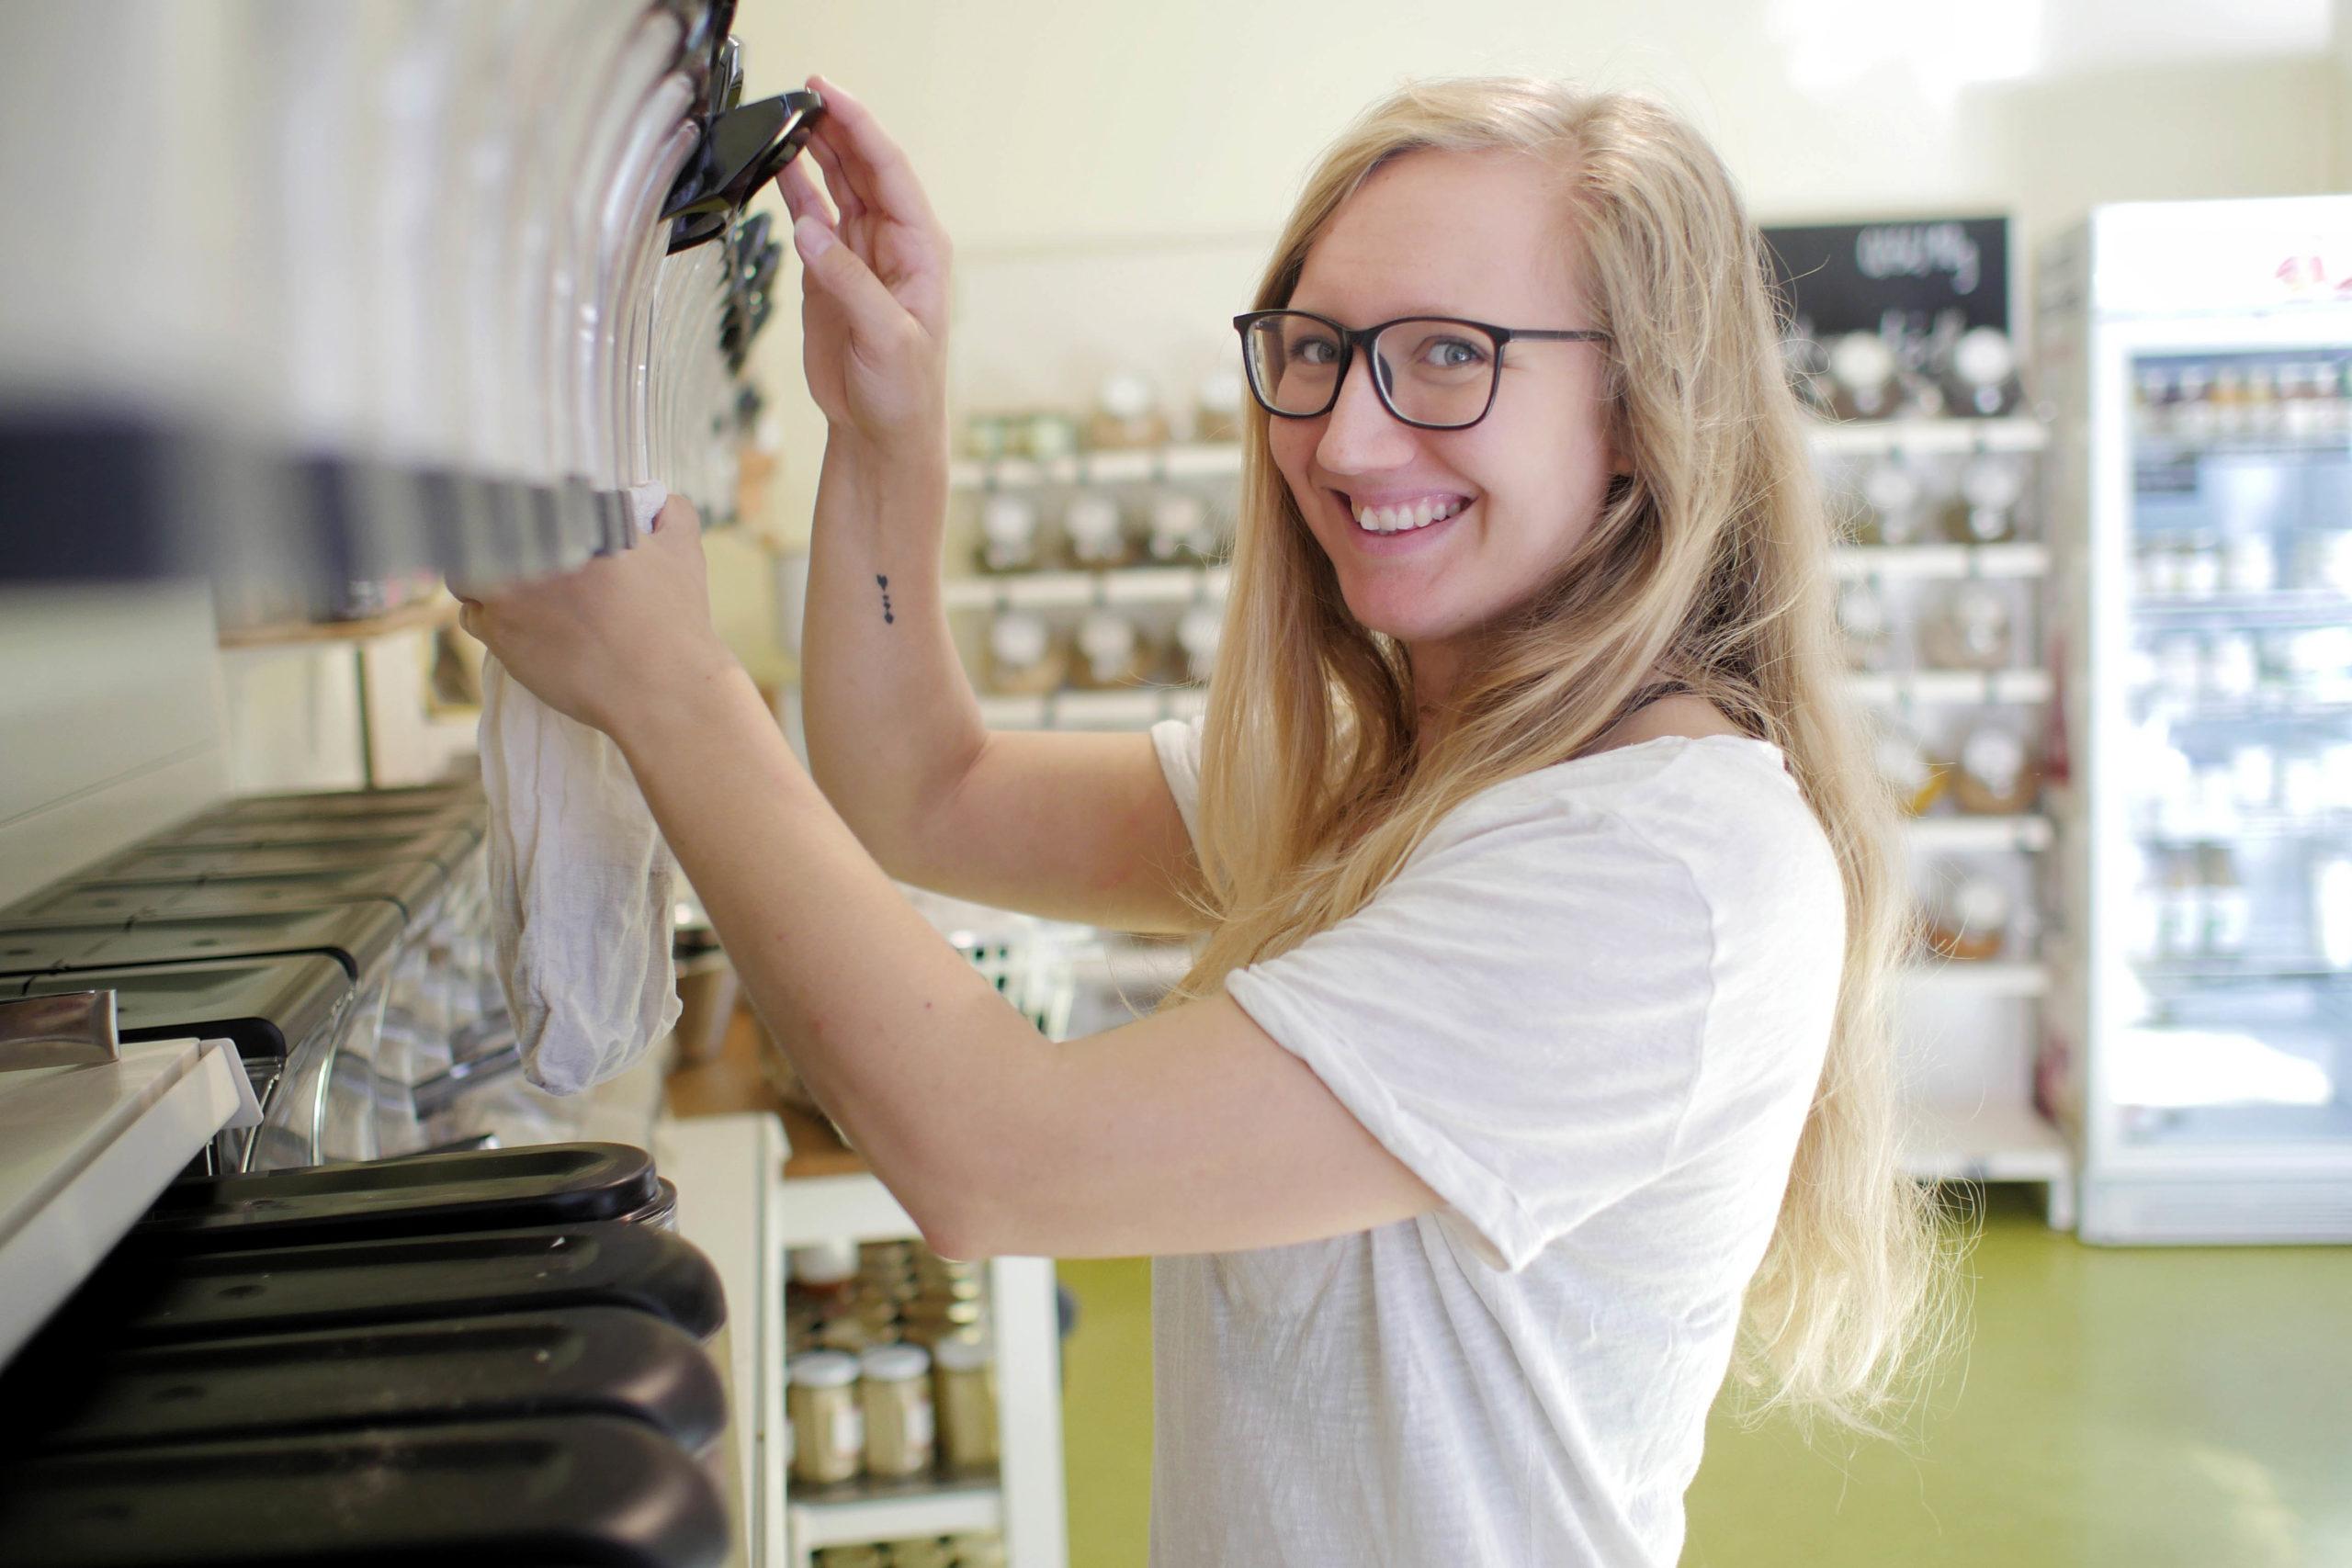 Eine junge Frau in einem verpackungsfreien Supermarkt